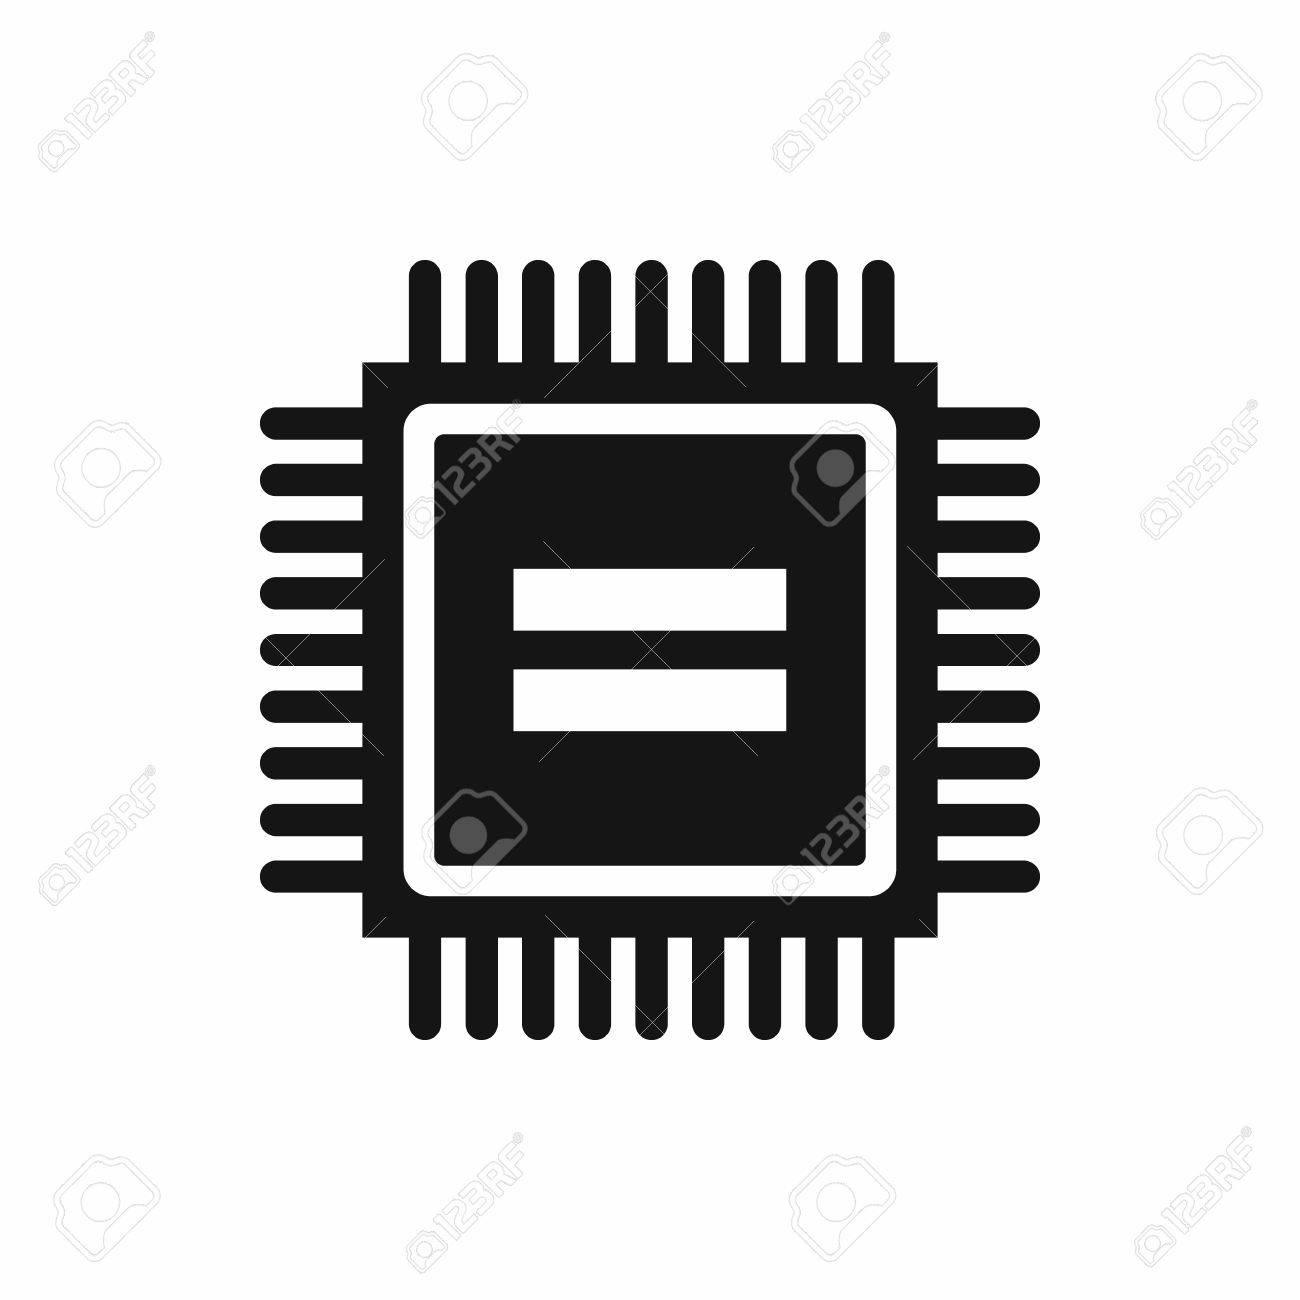 Circuito Sencillo : Icono de la placa de circuito electrónico en la ilustración